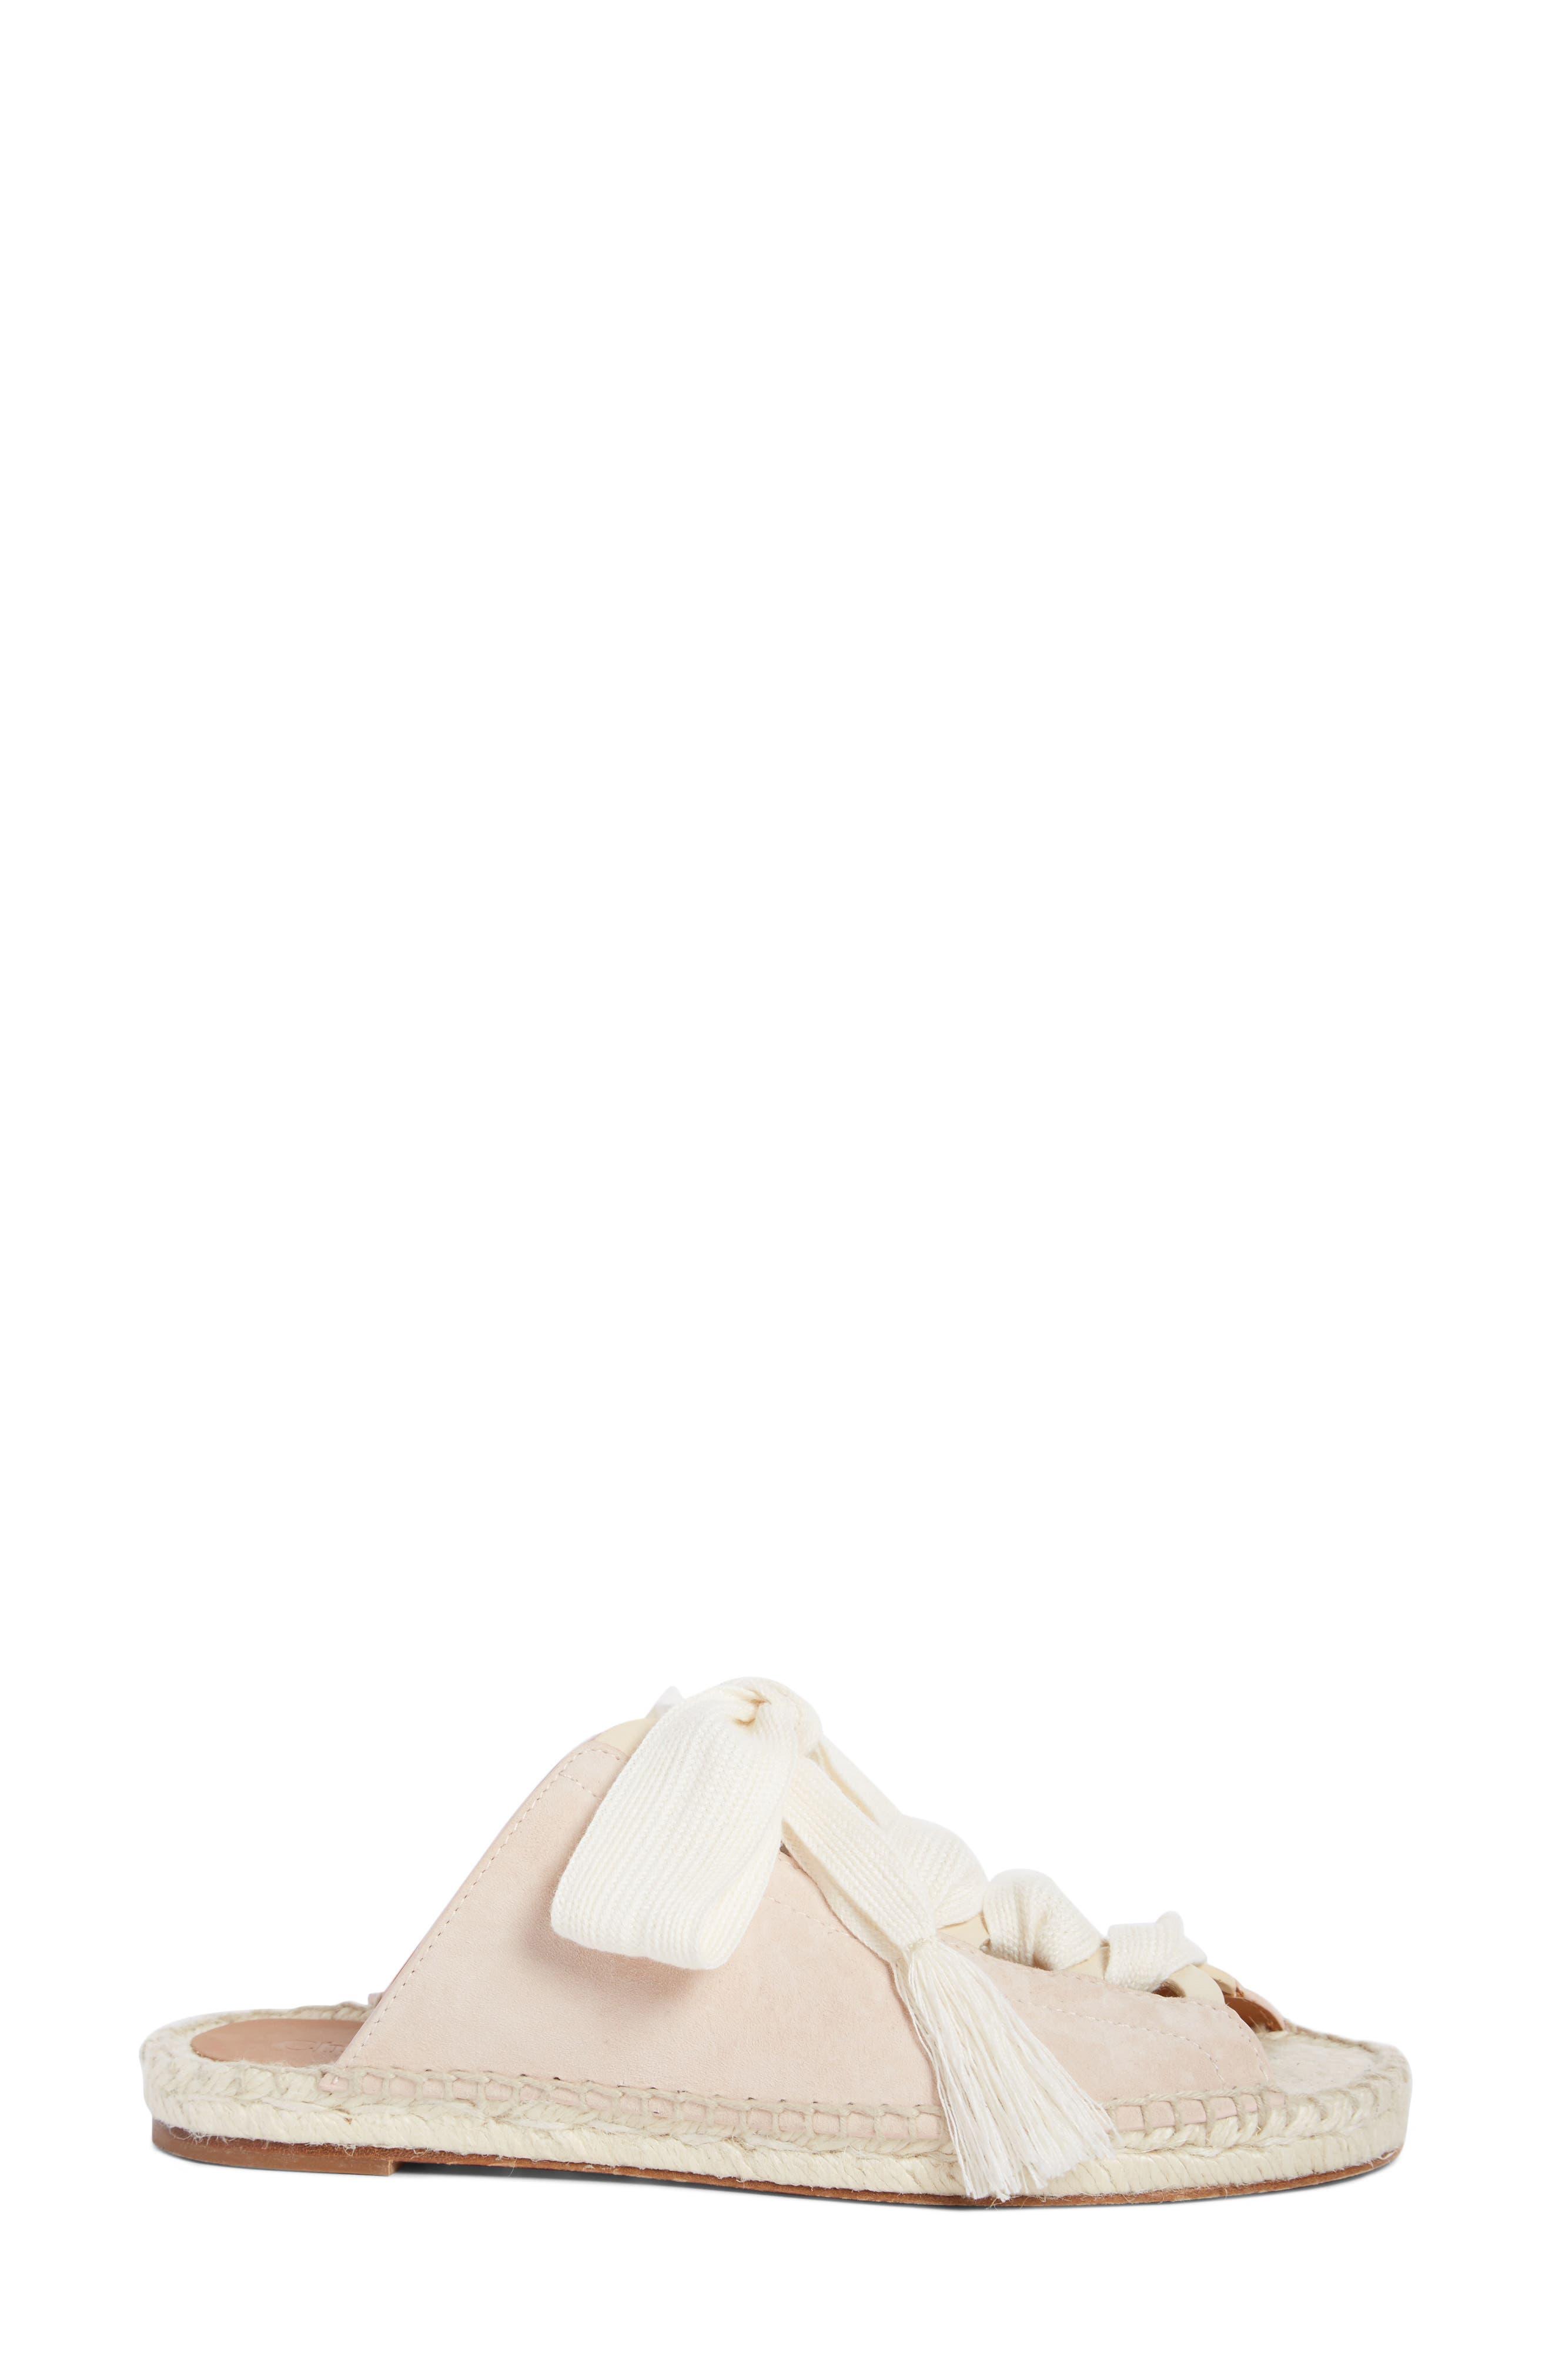 Harper Lace-Up Espadrille Slide Sandal,                             Alternate thumbnail 4, color,                             Maple Pink